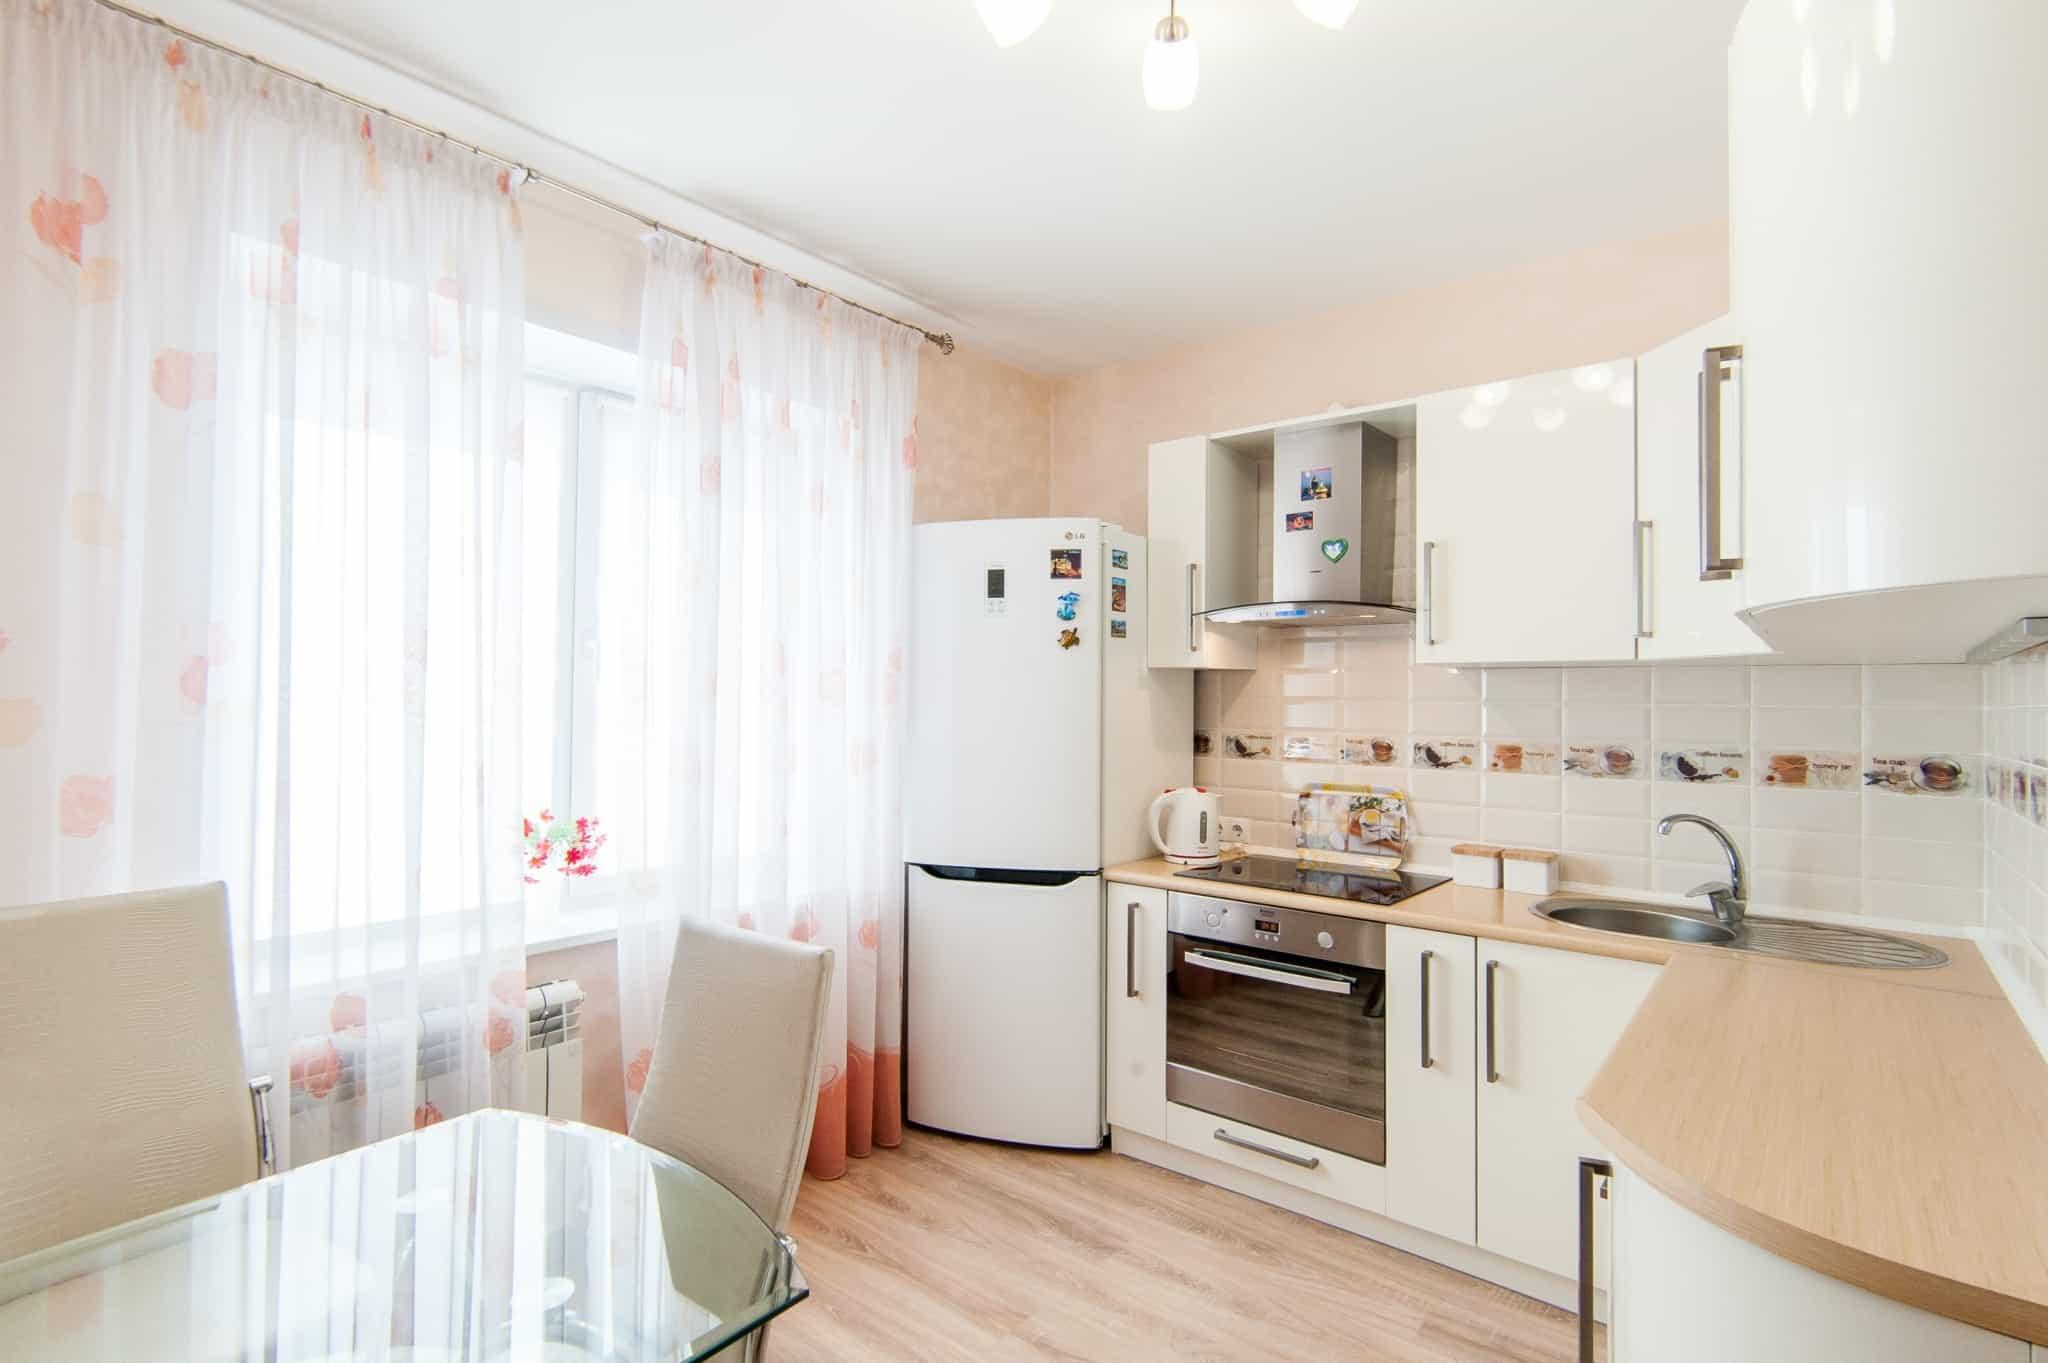 cozinha equipada com mesa e duas cadeiras